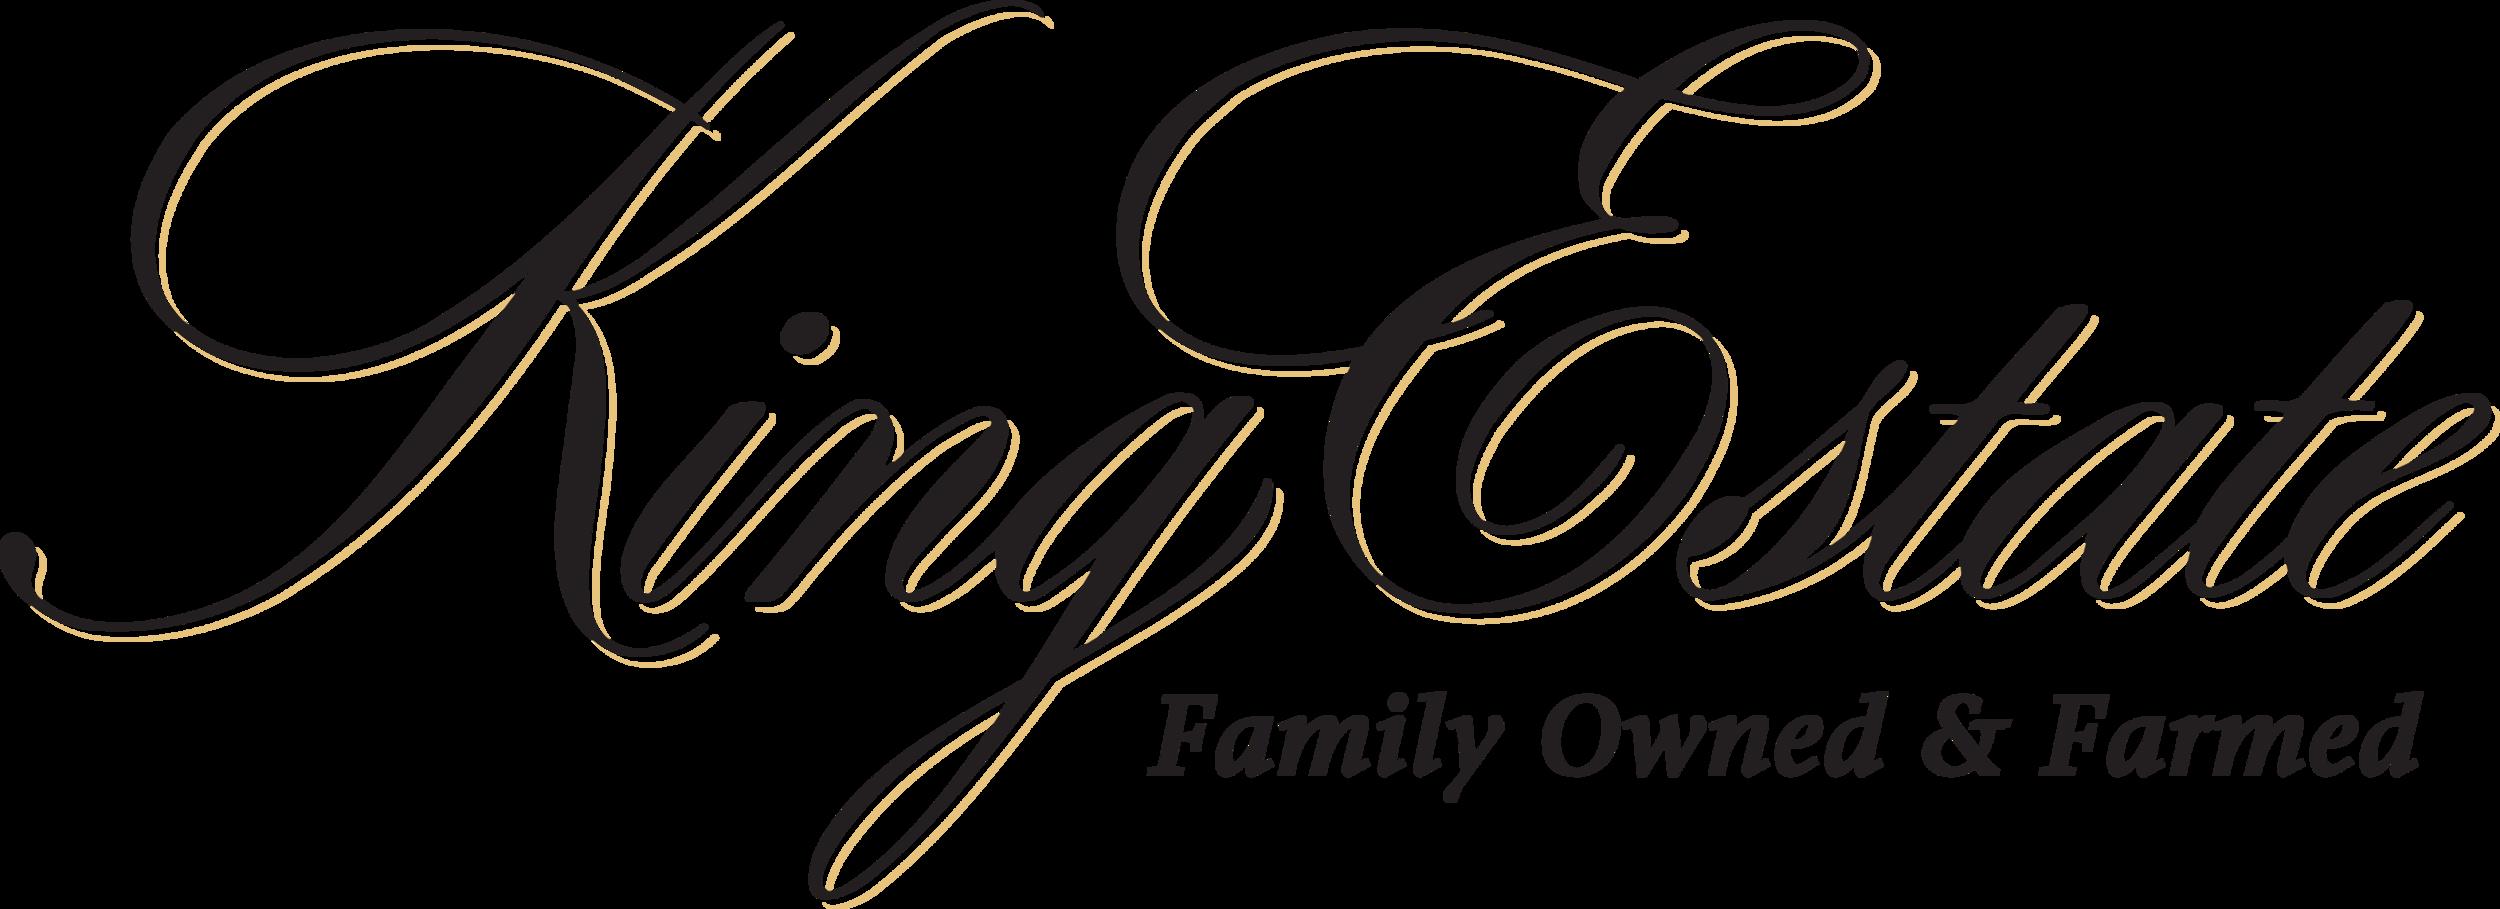 KingEstate-2016-Logo copy 2.png